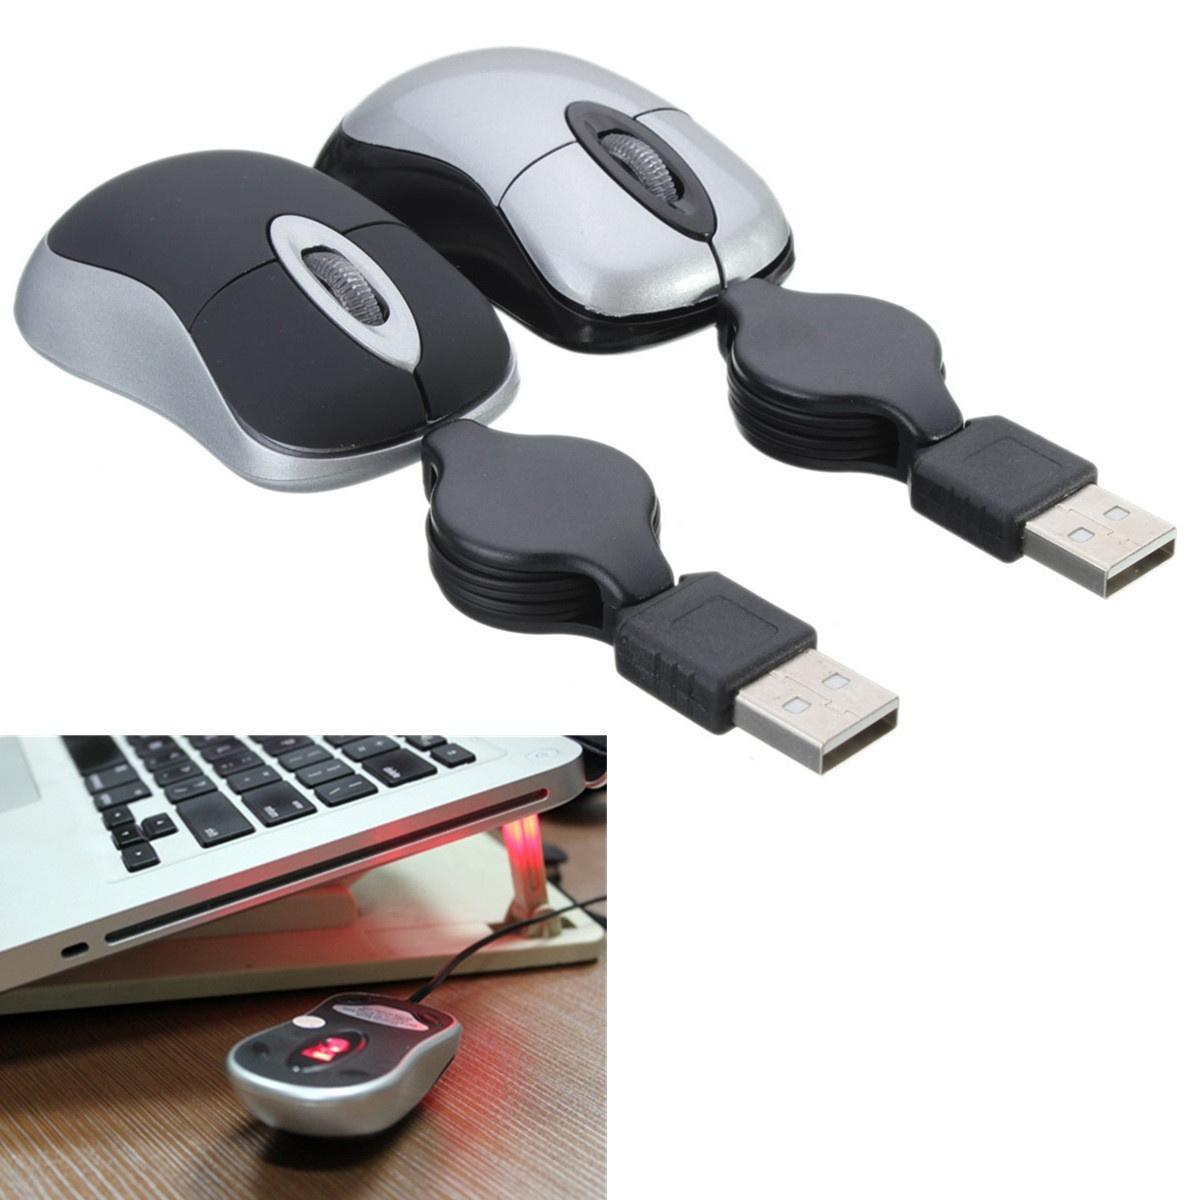 Мини убирающимся USB оптическая колесико проводной мыши мышь для ноутбука ноутбук